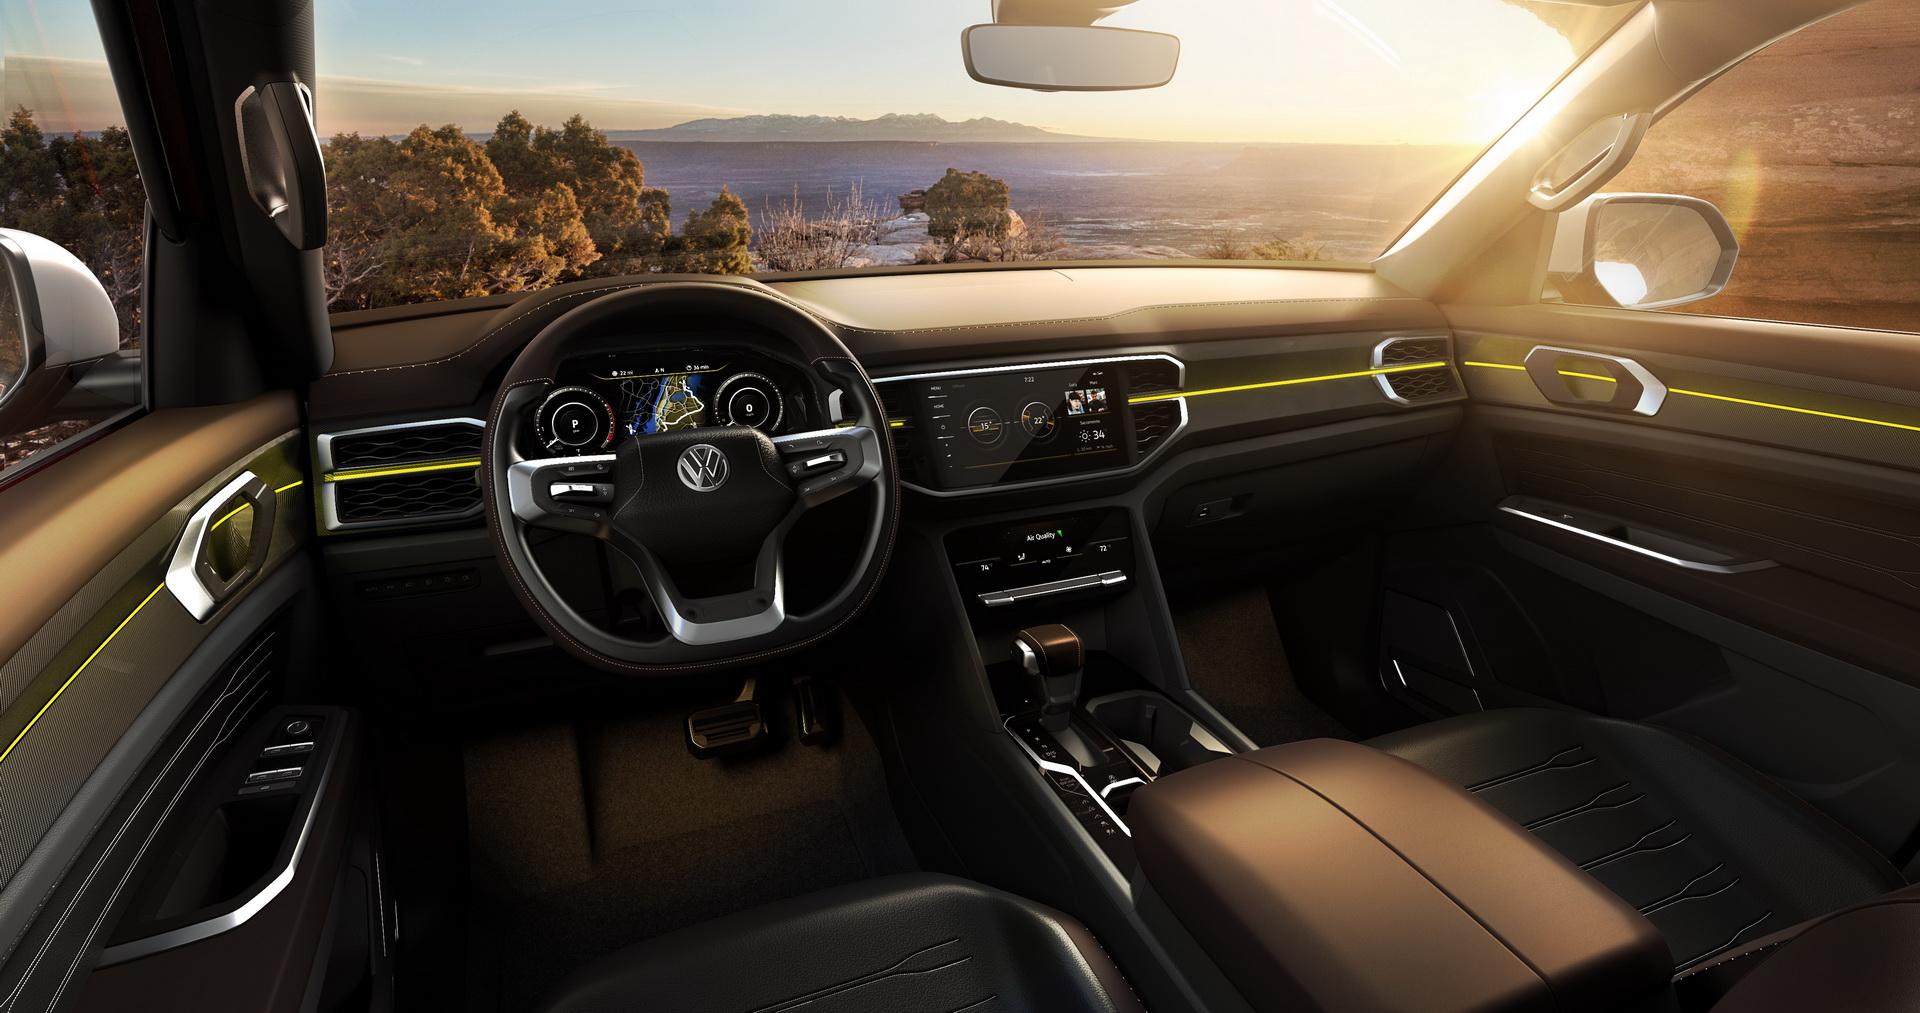 Volkswagen Atlas Tanoak concept (6)